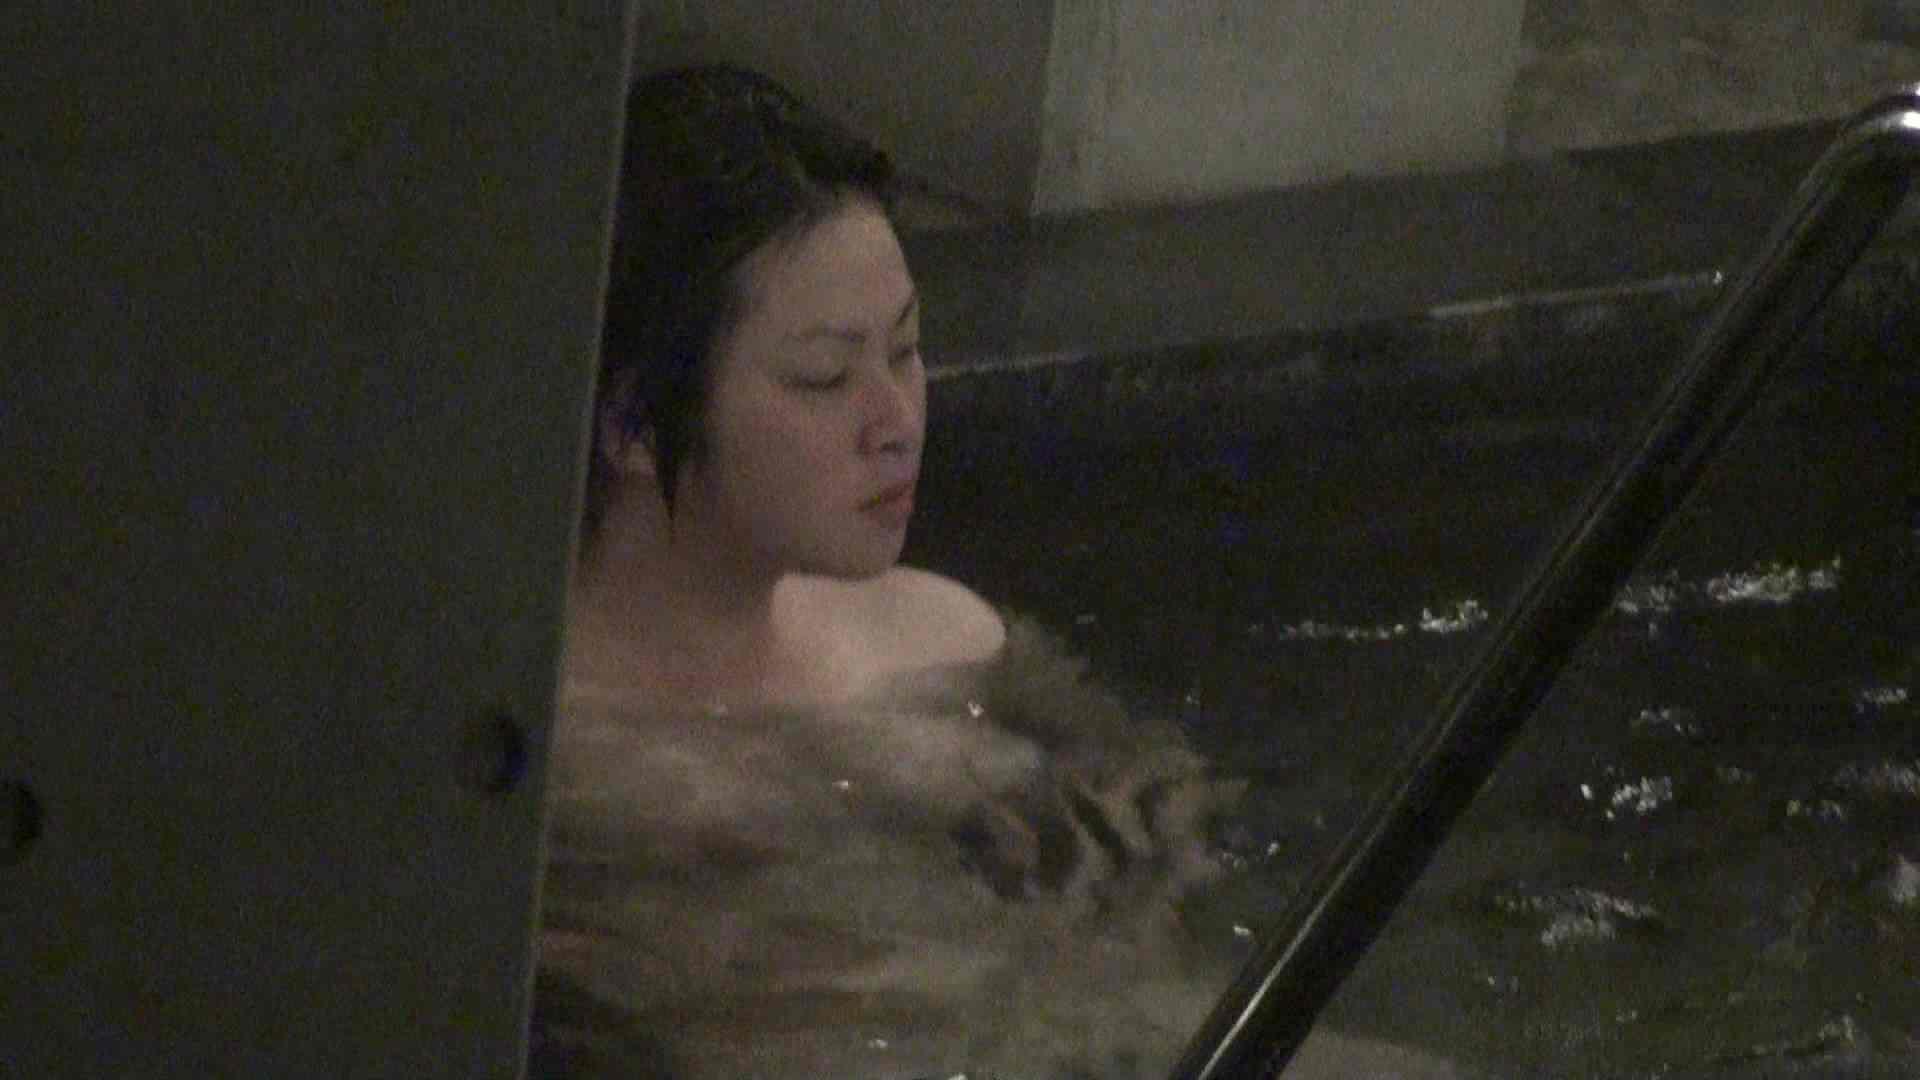 Aquaな露天風呂Vol.338 HなOL おめこ無修正動画無料 101pic 92